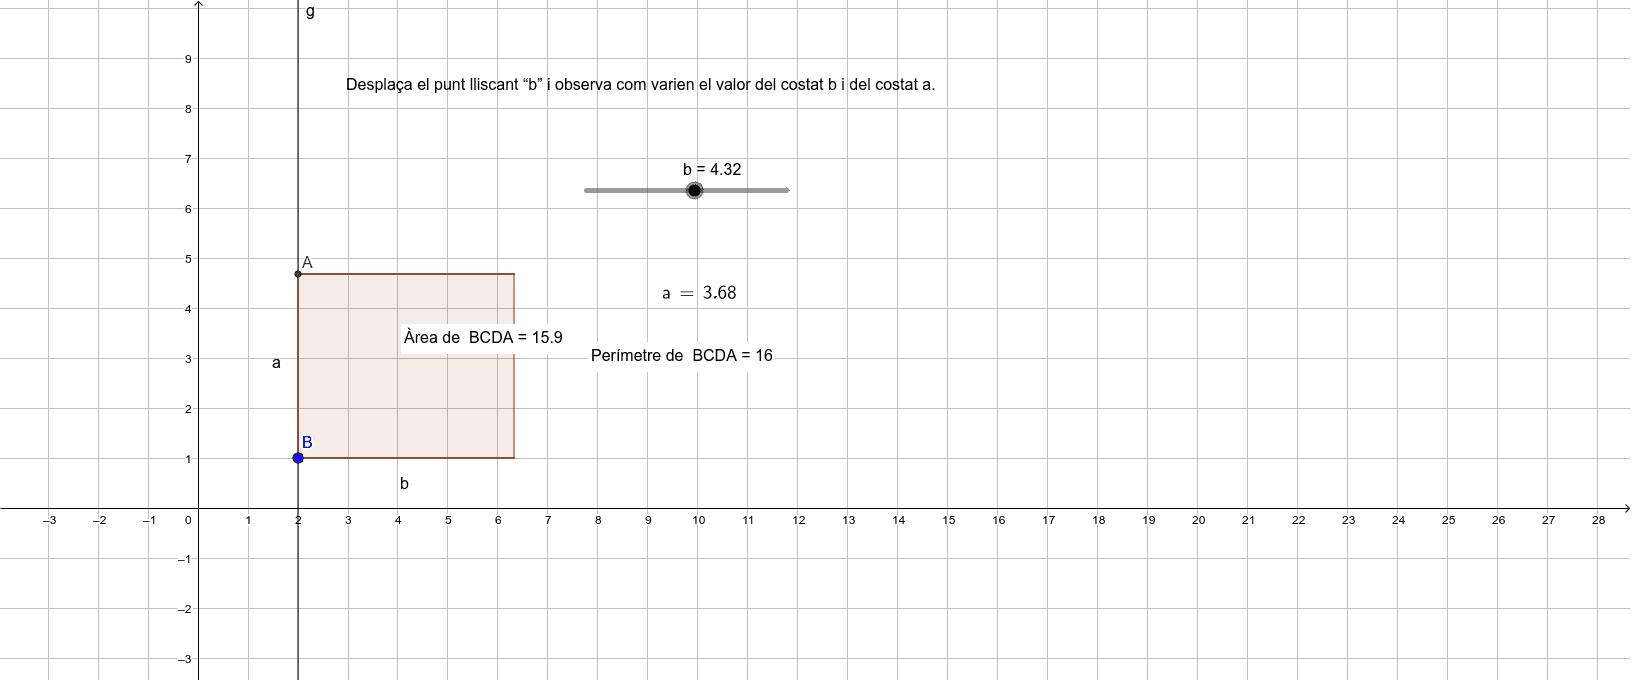 Varia el valor de l'amplada del rectangle